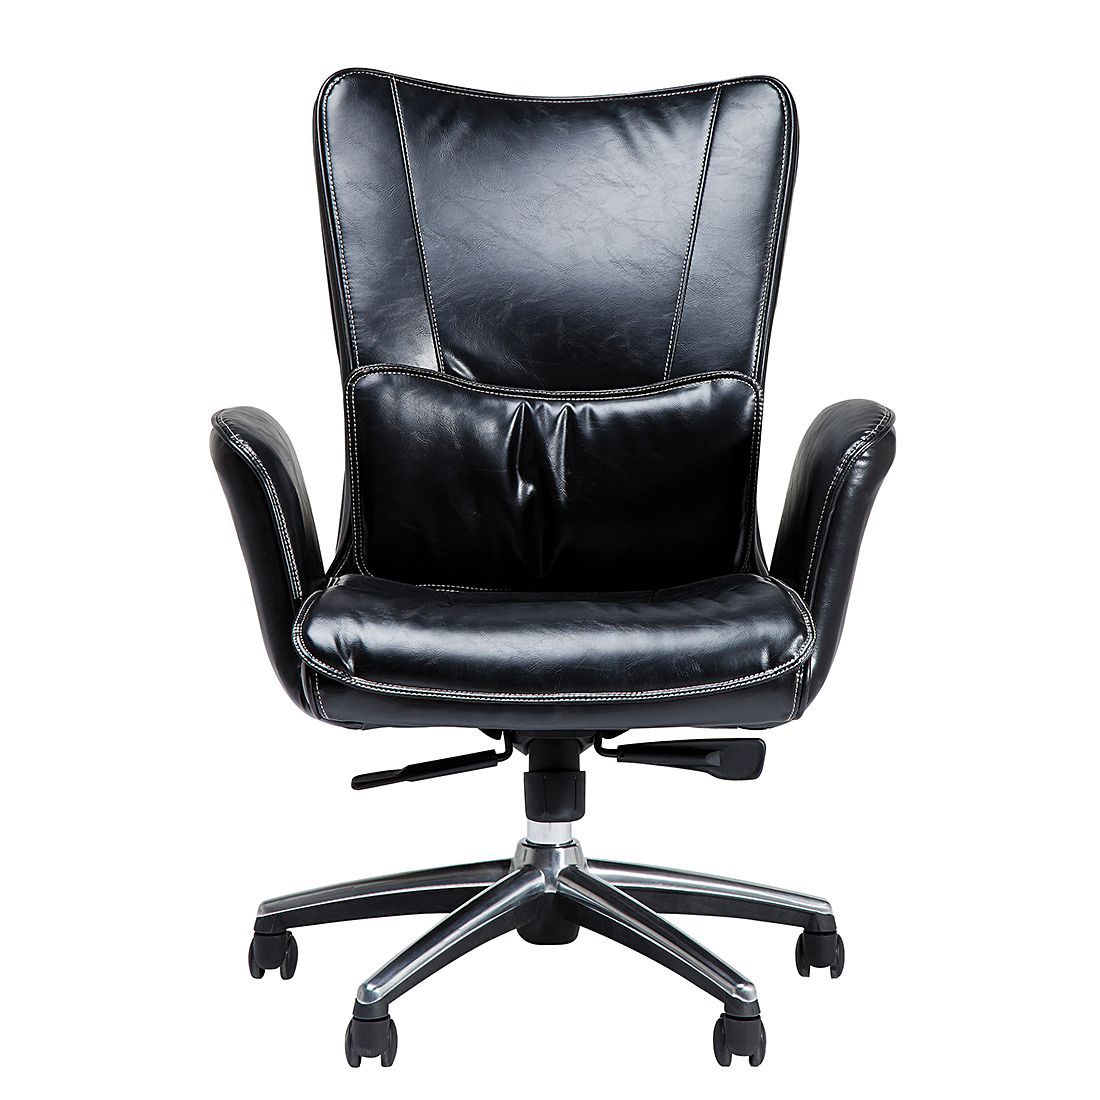 Chefsessel Boss Black – Kunststoff Schwarz, Kare Design günstig bestellen